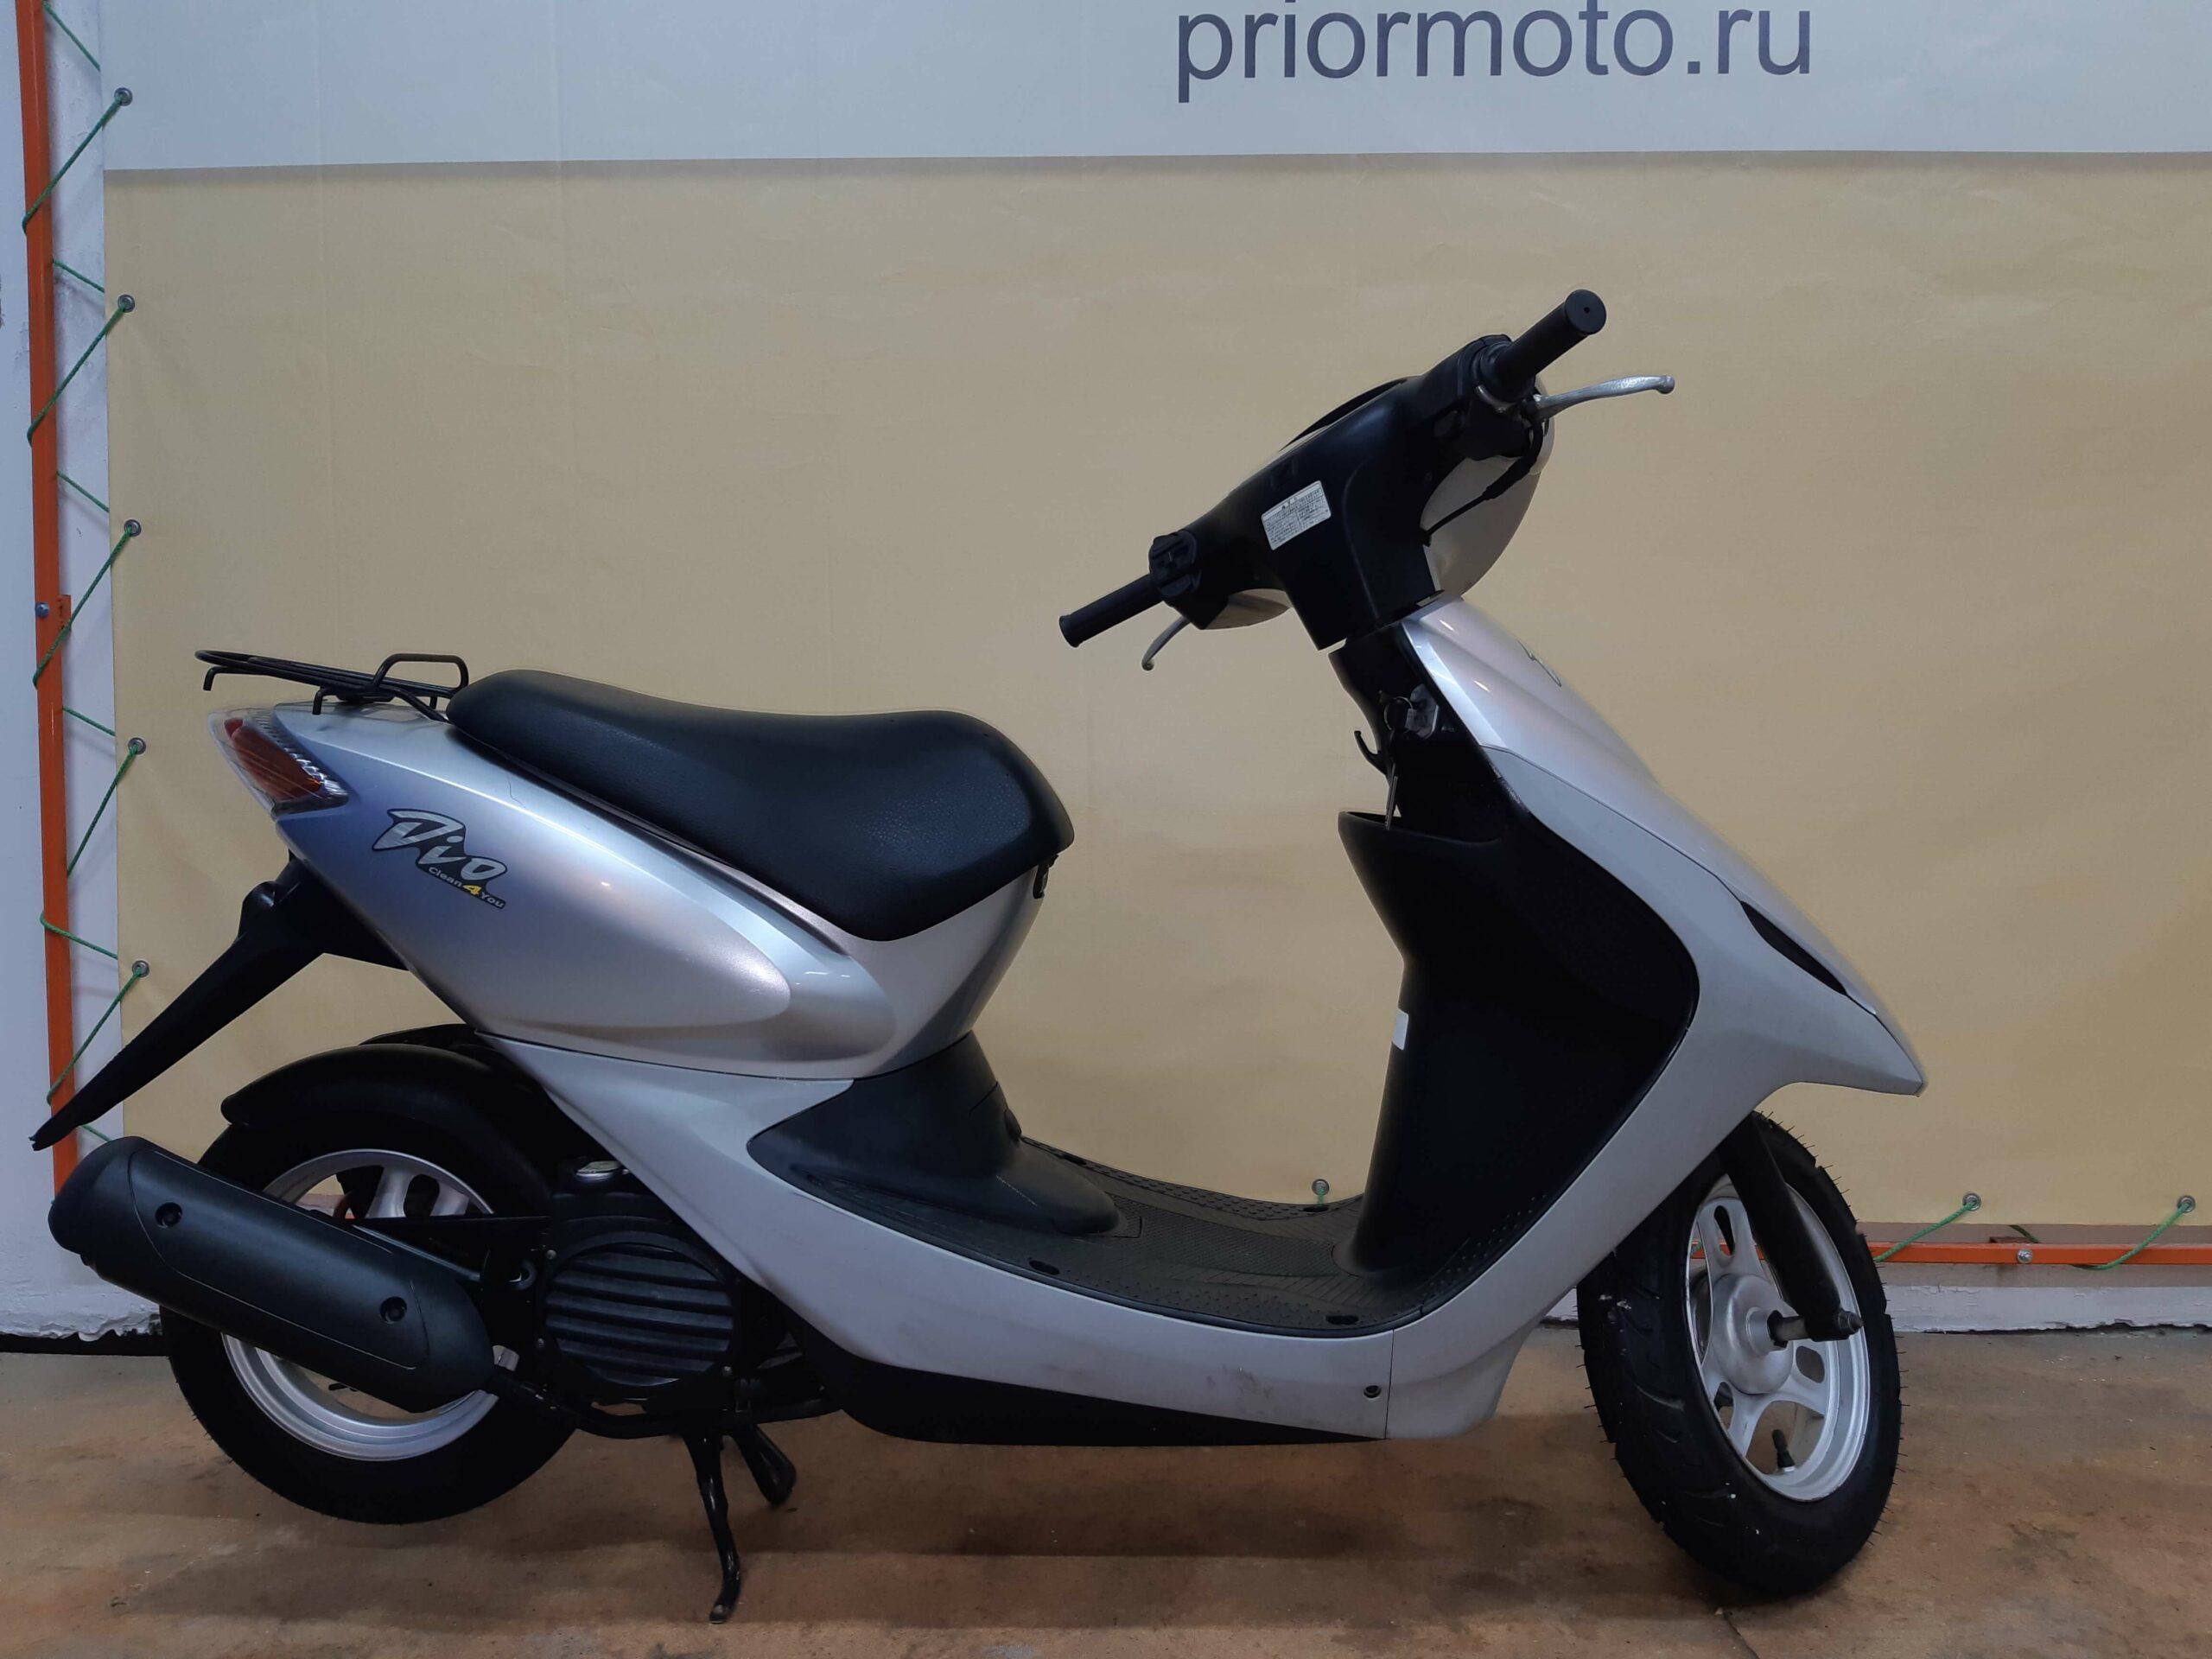 Honda Dio af 56, без пробега по РФ, г. Красноярск